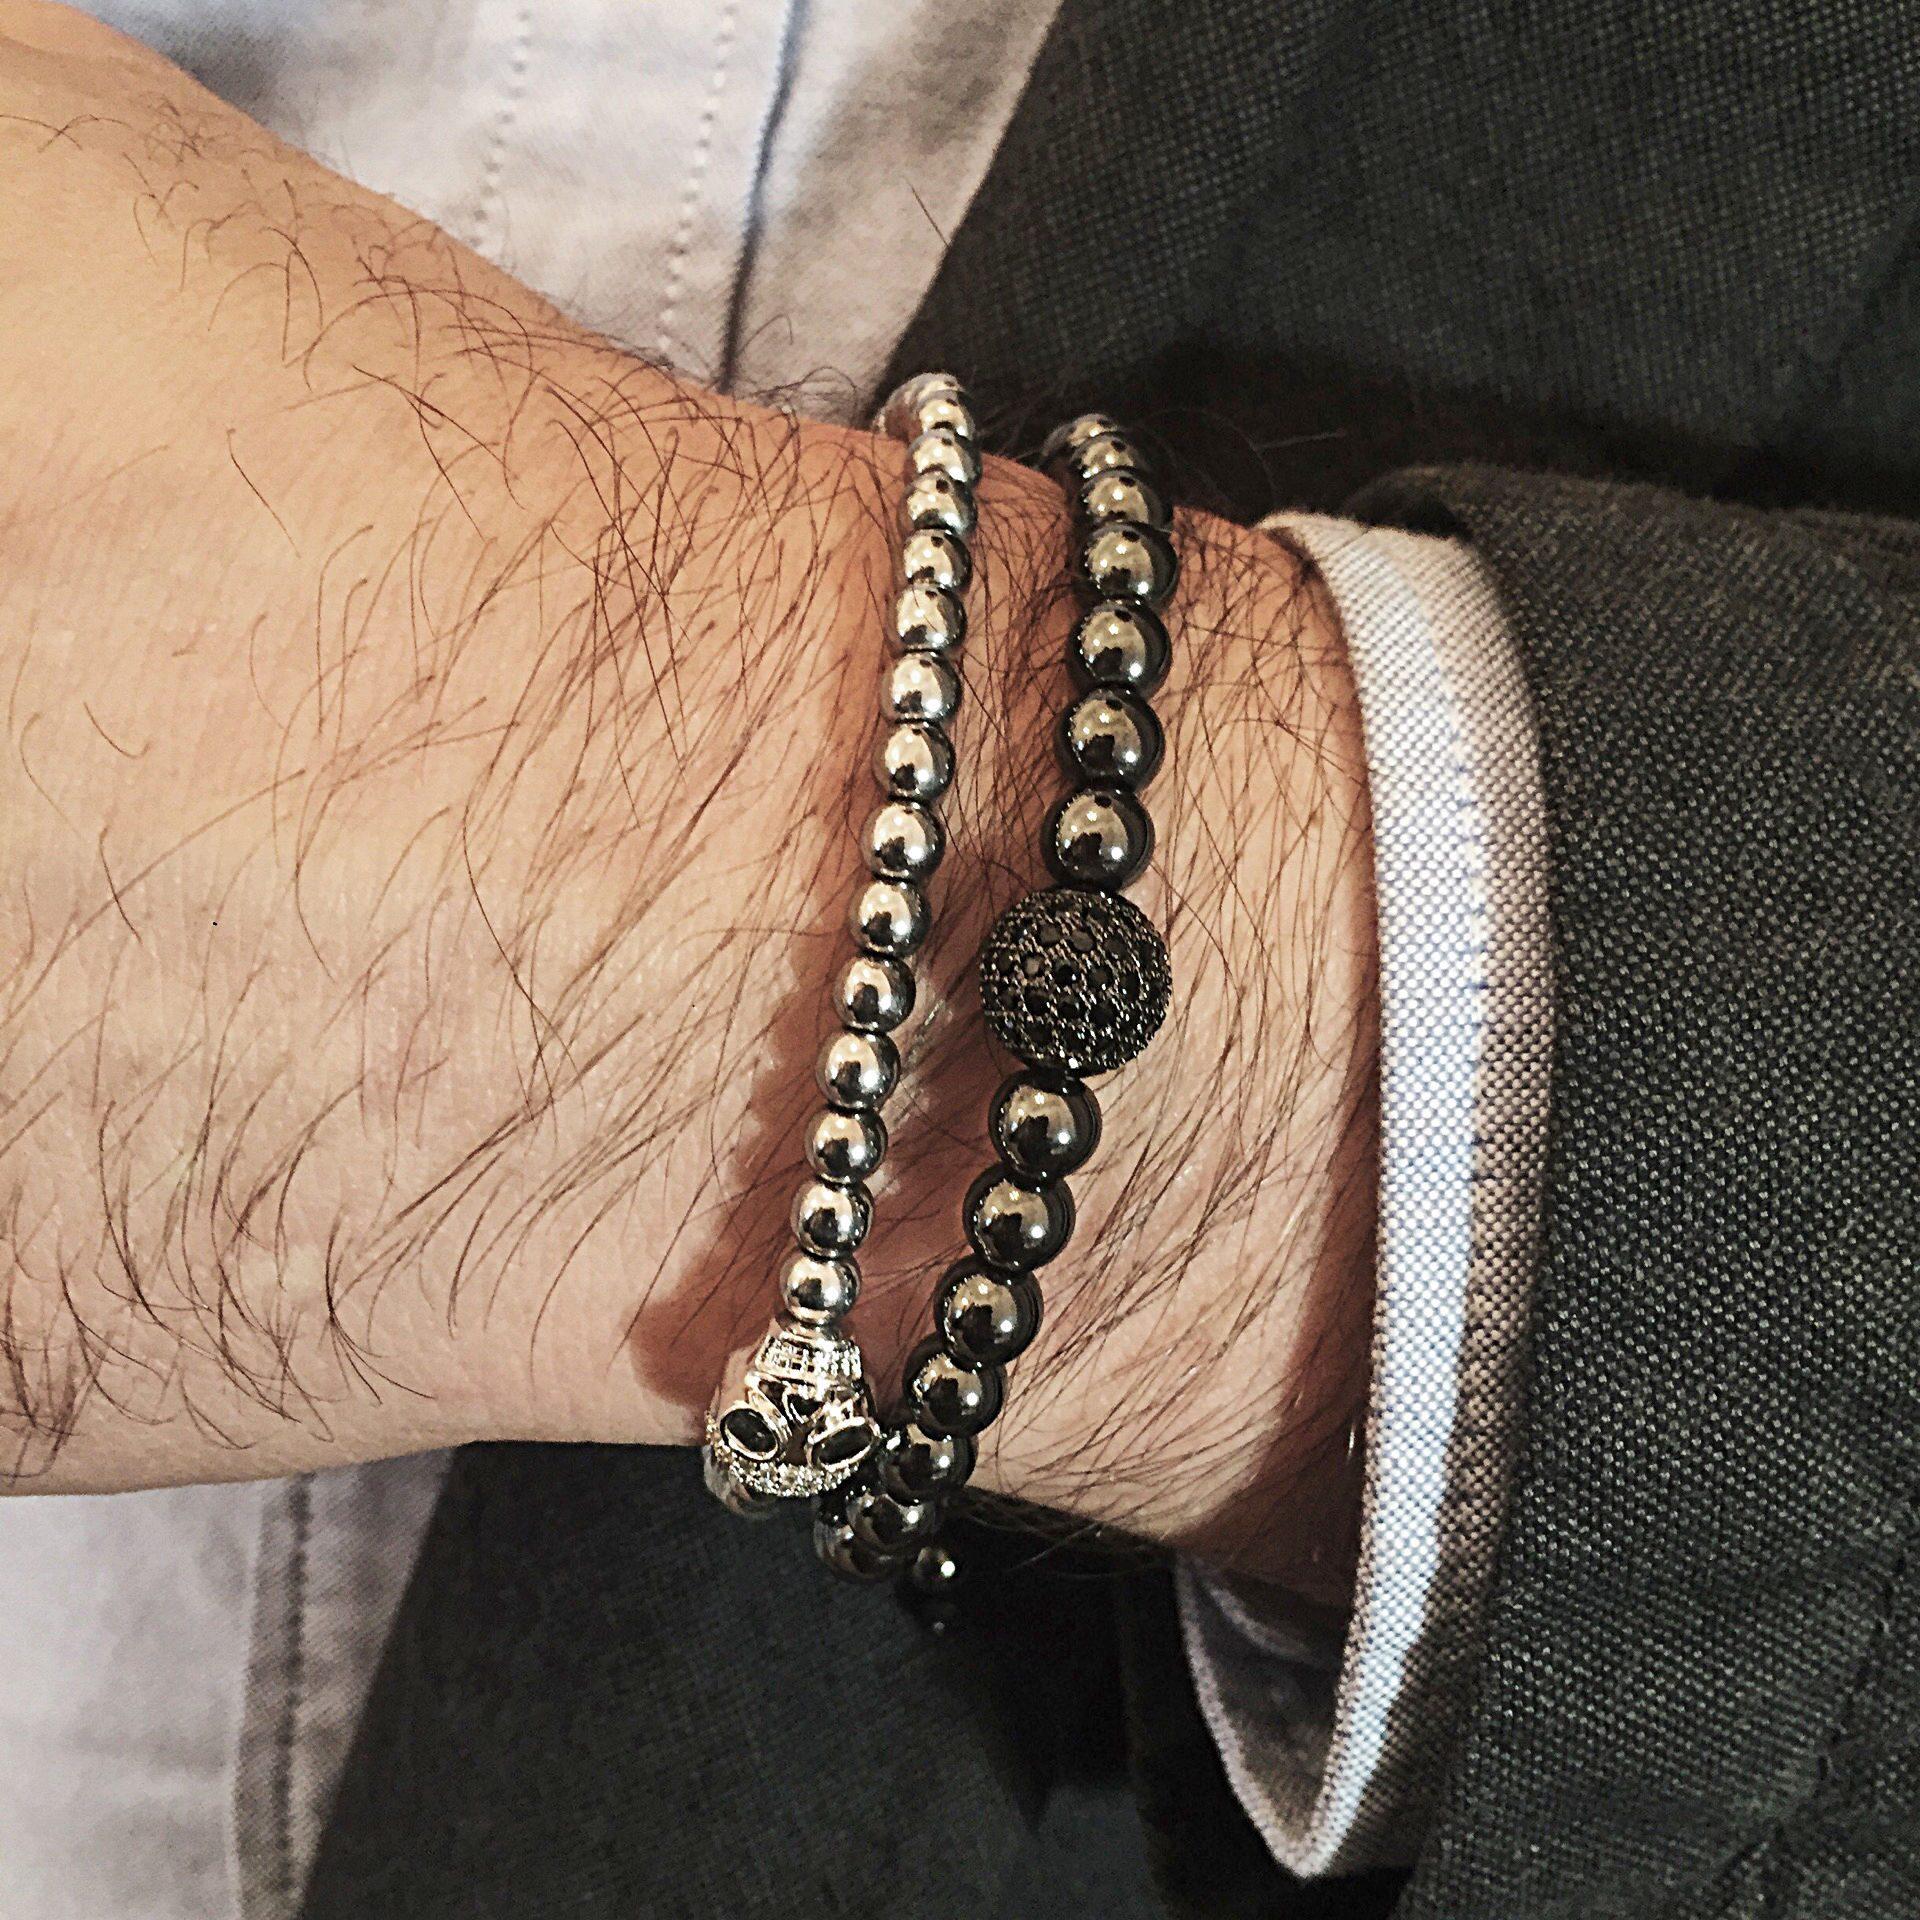 Мужское украшение на руку своими руками